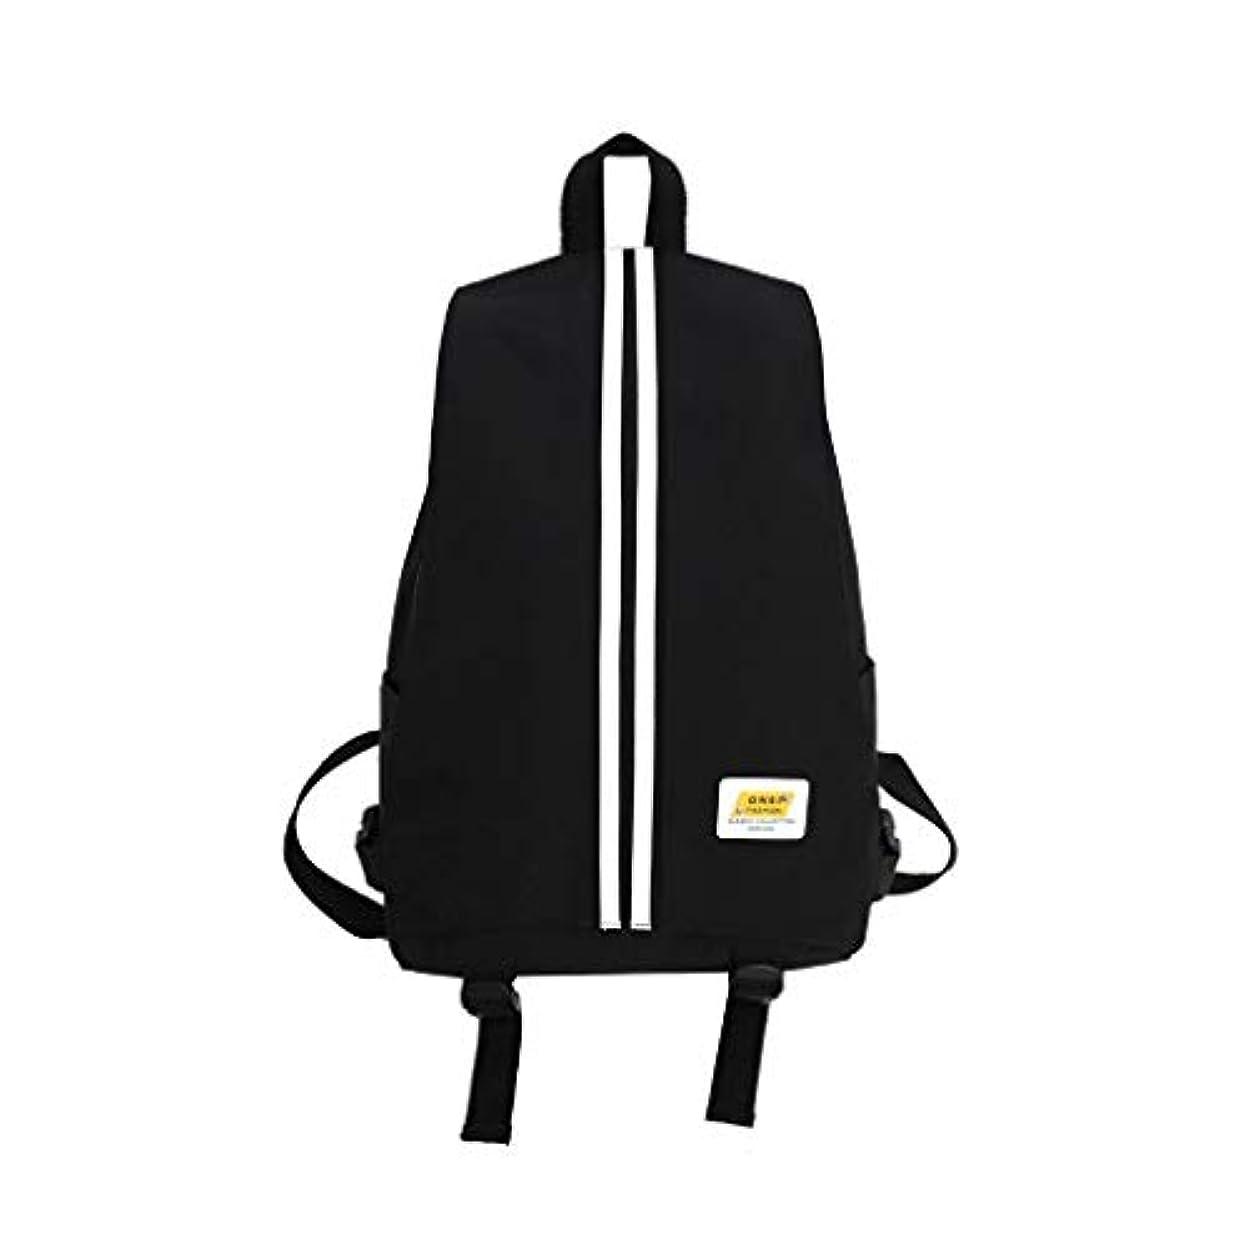 ダブル貫通する教会ショルダーバッグ バックパック大容量 学生鞄通学通勤レジャー鞄 ママリュック リュックサック クリアランス ファッション軽量コンピューターバッグハイキングレジャートラベルバッグ